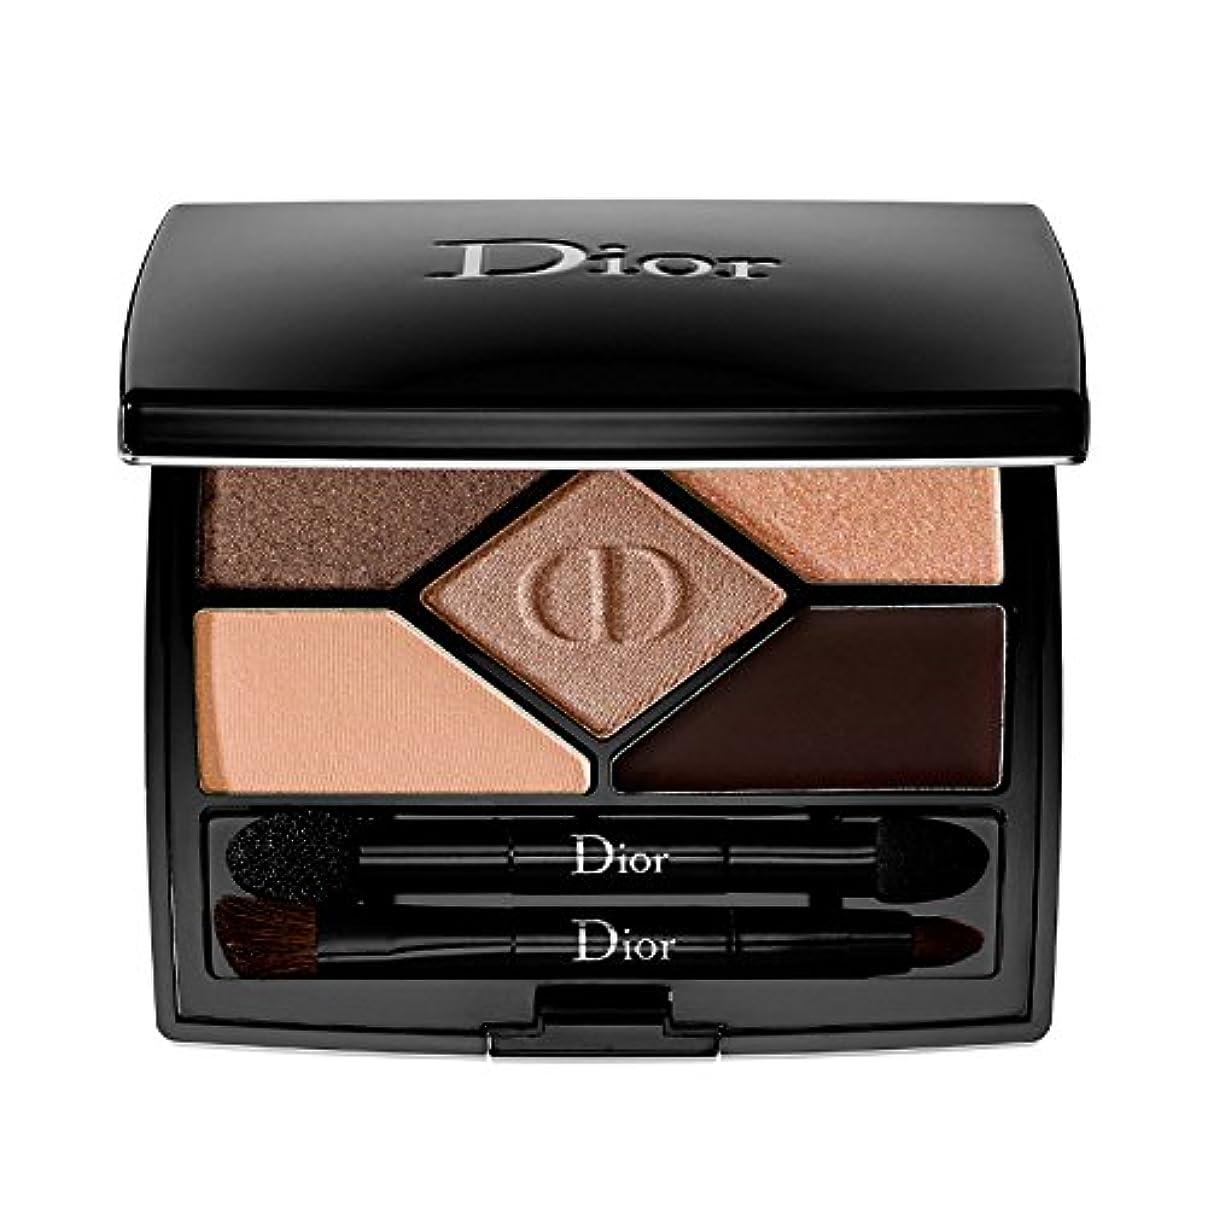 残酷事故うねるクリスチャン ディオール(Christian Dior) サンク クルール デザイナー #708 アンバー デザイン 5.7g [並行輸入品]